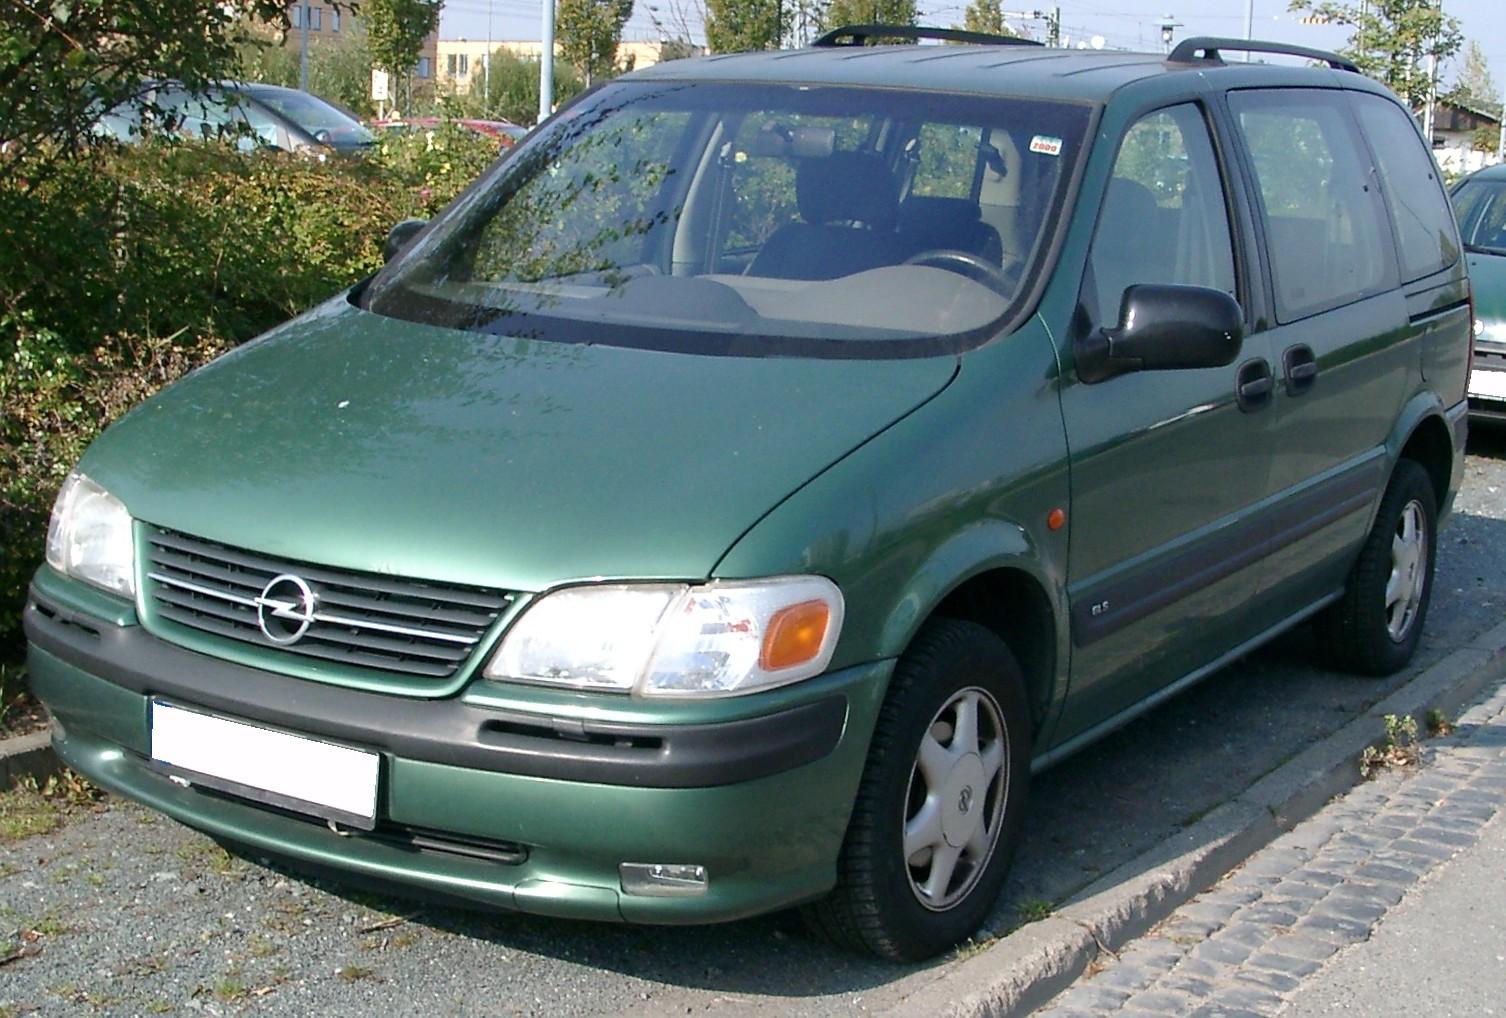 Opel Sintra - Wikipedia